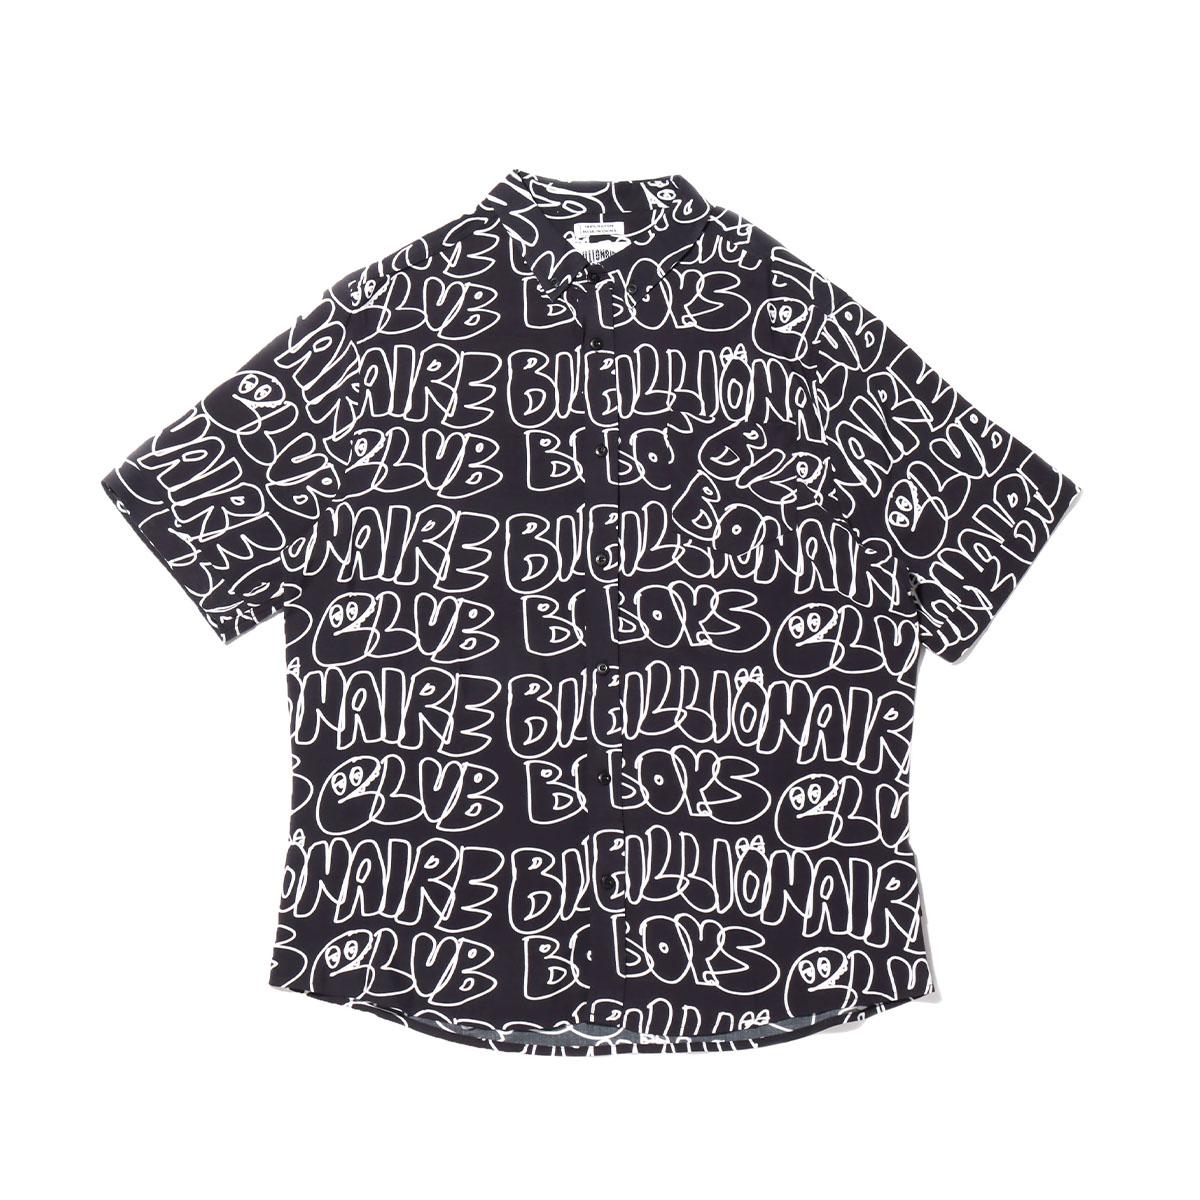 【半額】 BILLIONAIRE BOYS CLUB BB RIPPLE SHIRT(ビリオネア ボーイズ クラブ ビービー リップル シャツ)BLACK【メンズ 半袖Tシャツ】20SU-I, キャンハートサプリメント ef4b1353